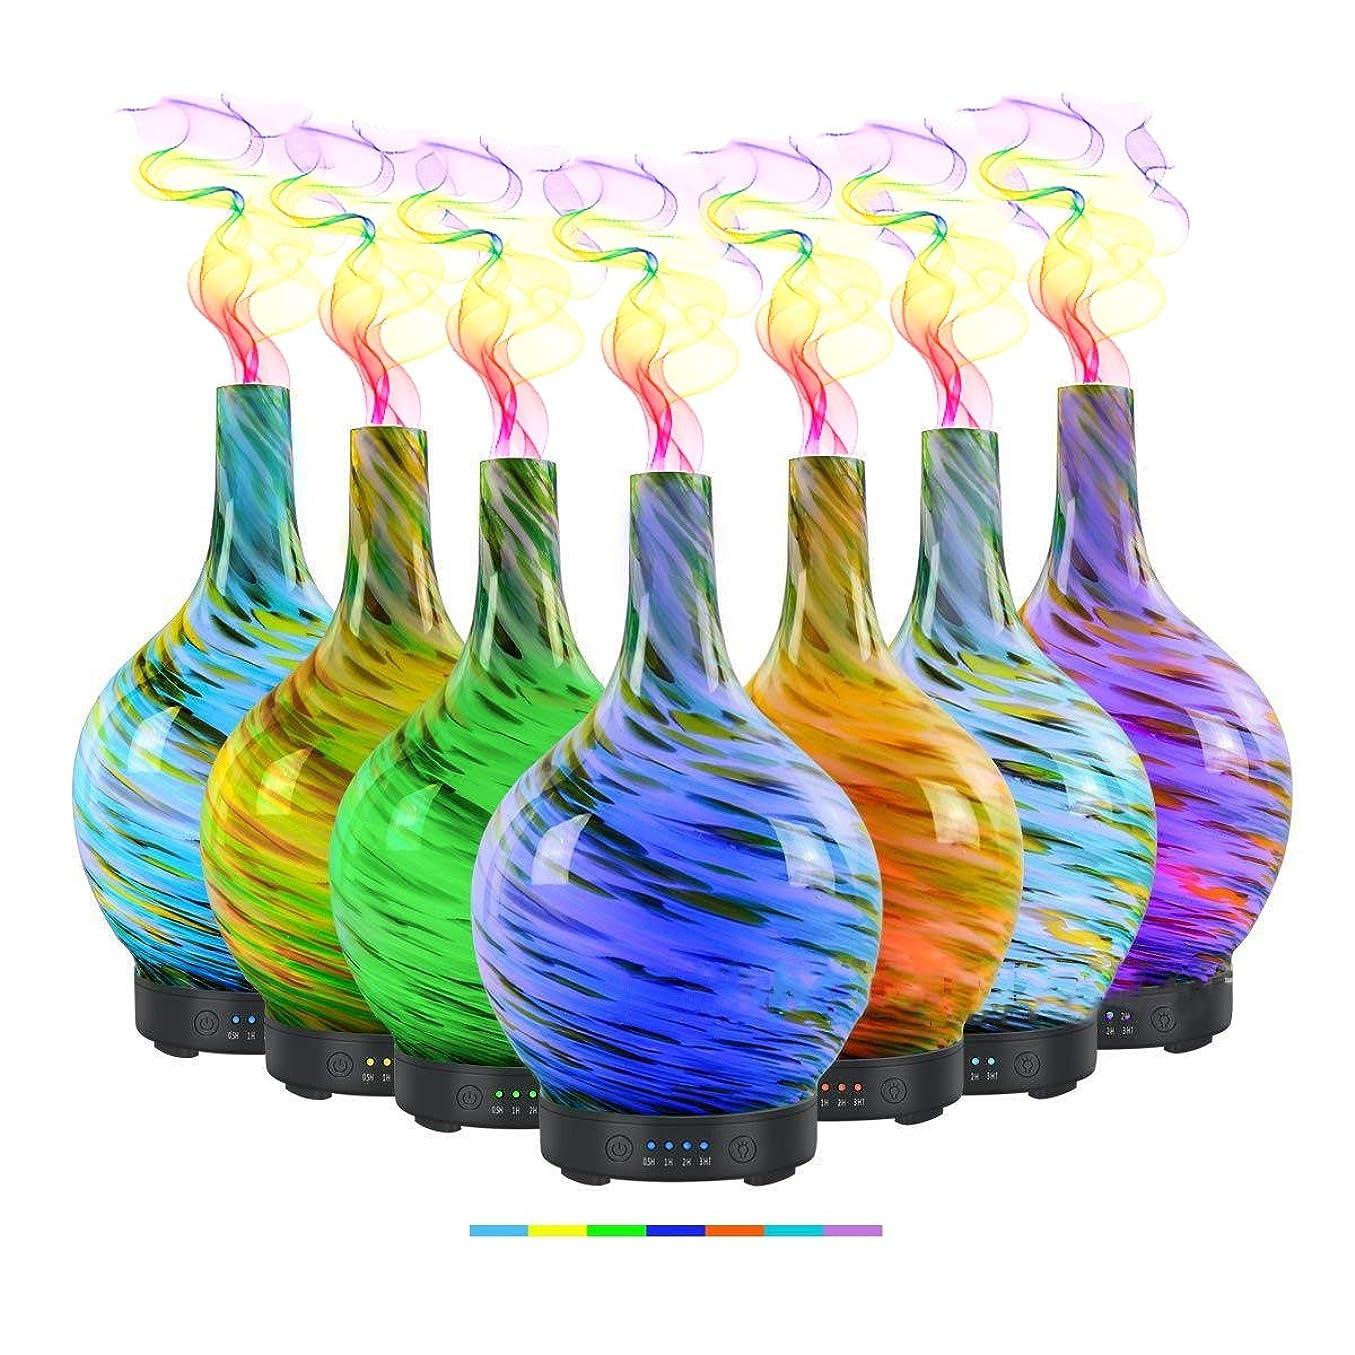 テラスオートメーション失効ディフューザーエッセンシャルオイル (100ml)-3 d アートガラス葉海アロマ加湿器7色の変更 LED ライト & 4 タイマー設定、水なしの自動シャットオフ